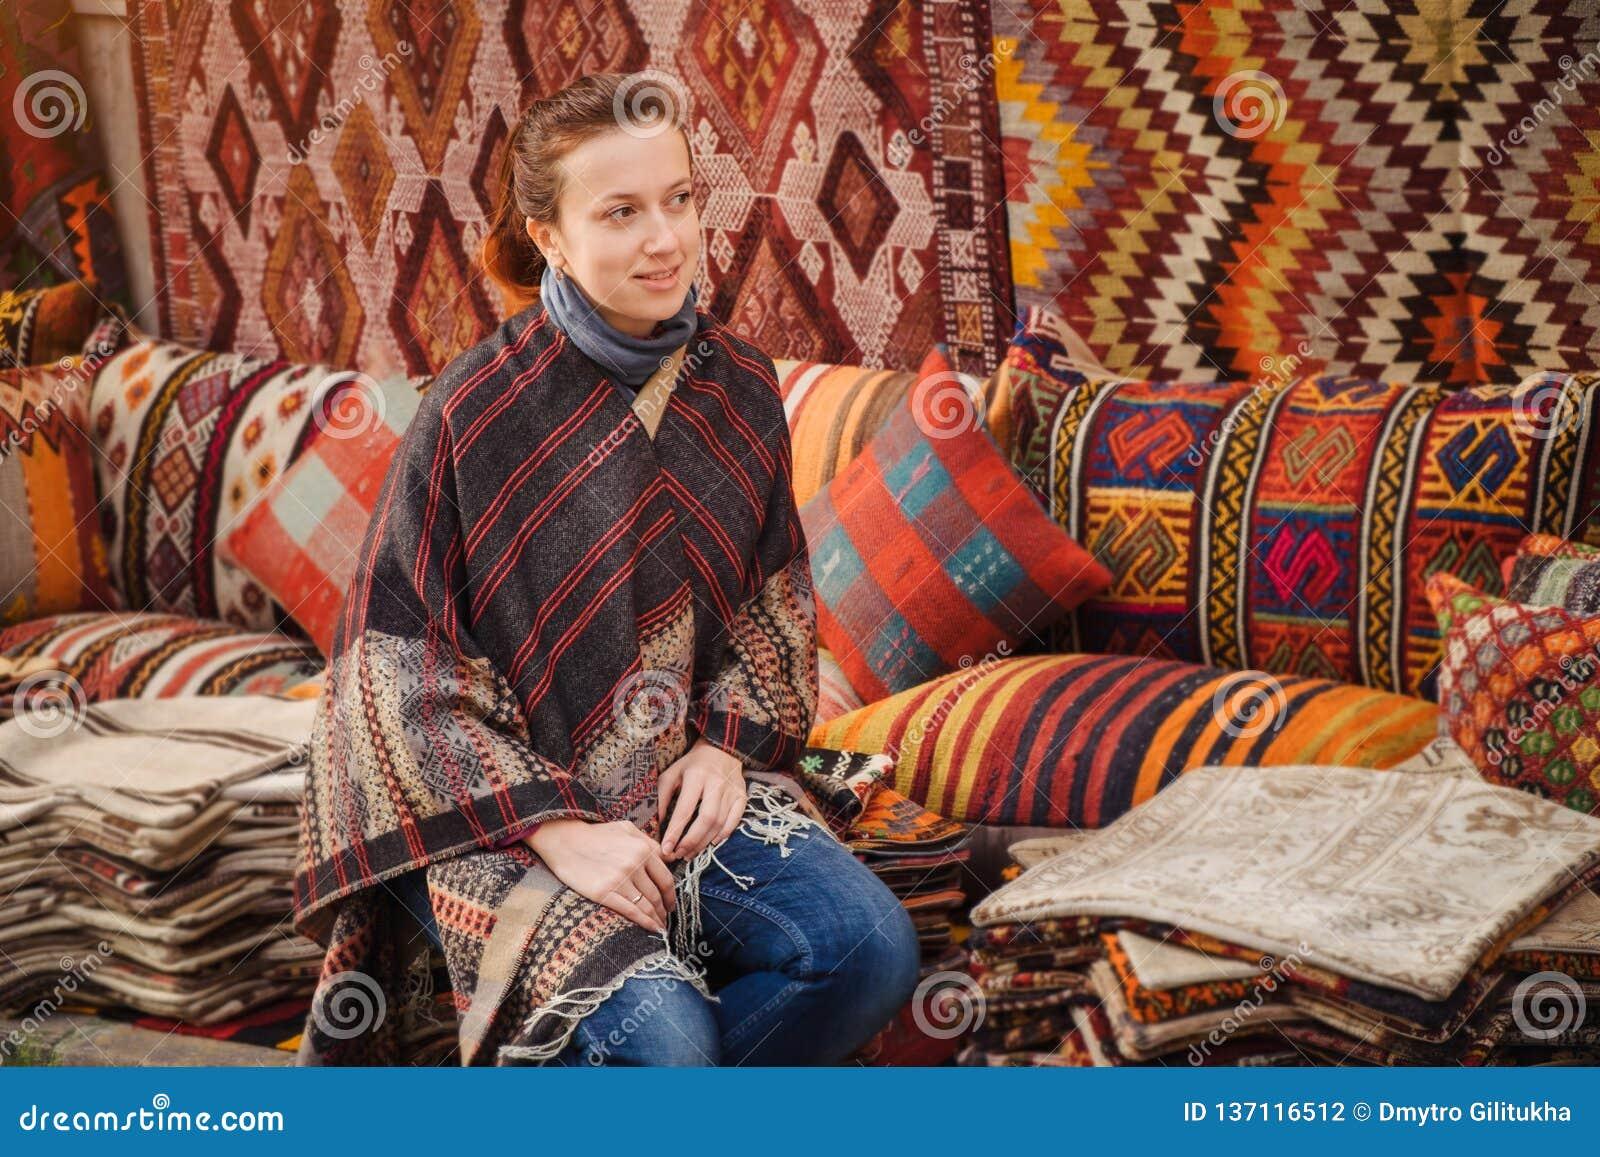 Viaggio in Turchia La donna vede sul tessuto turco tradizionale